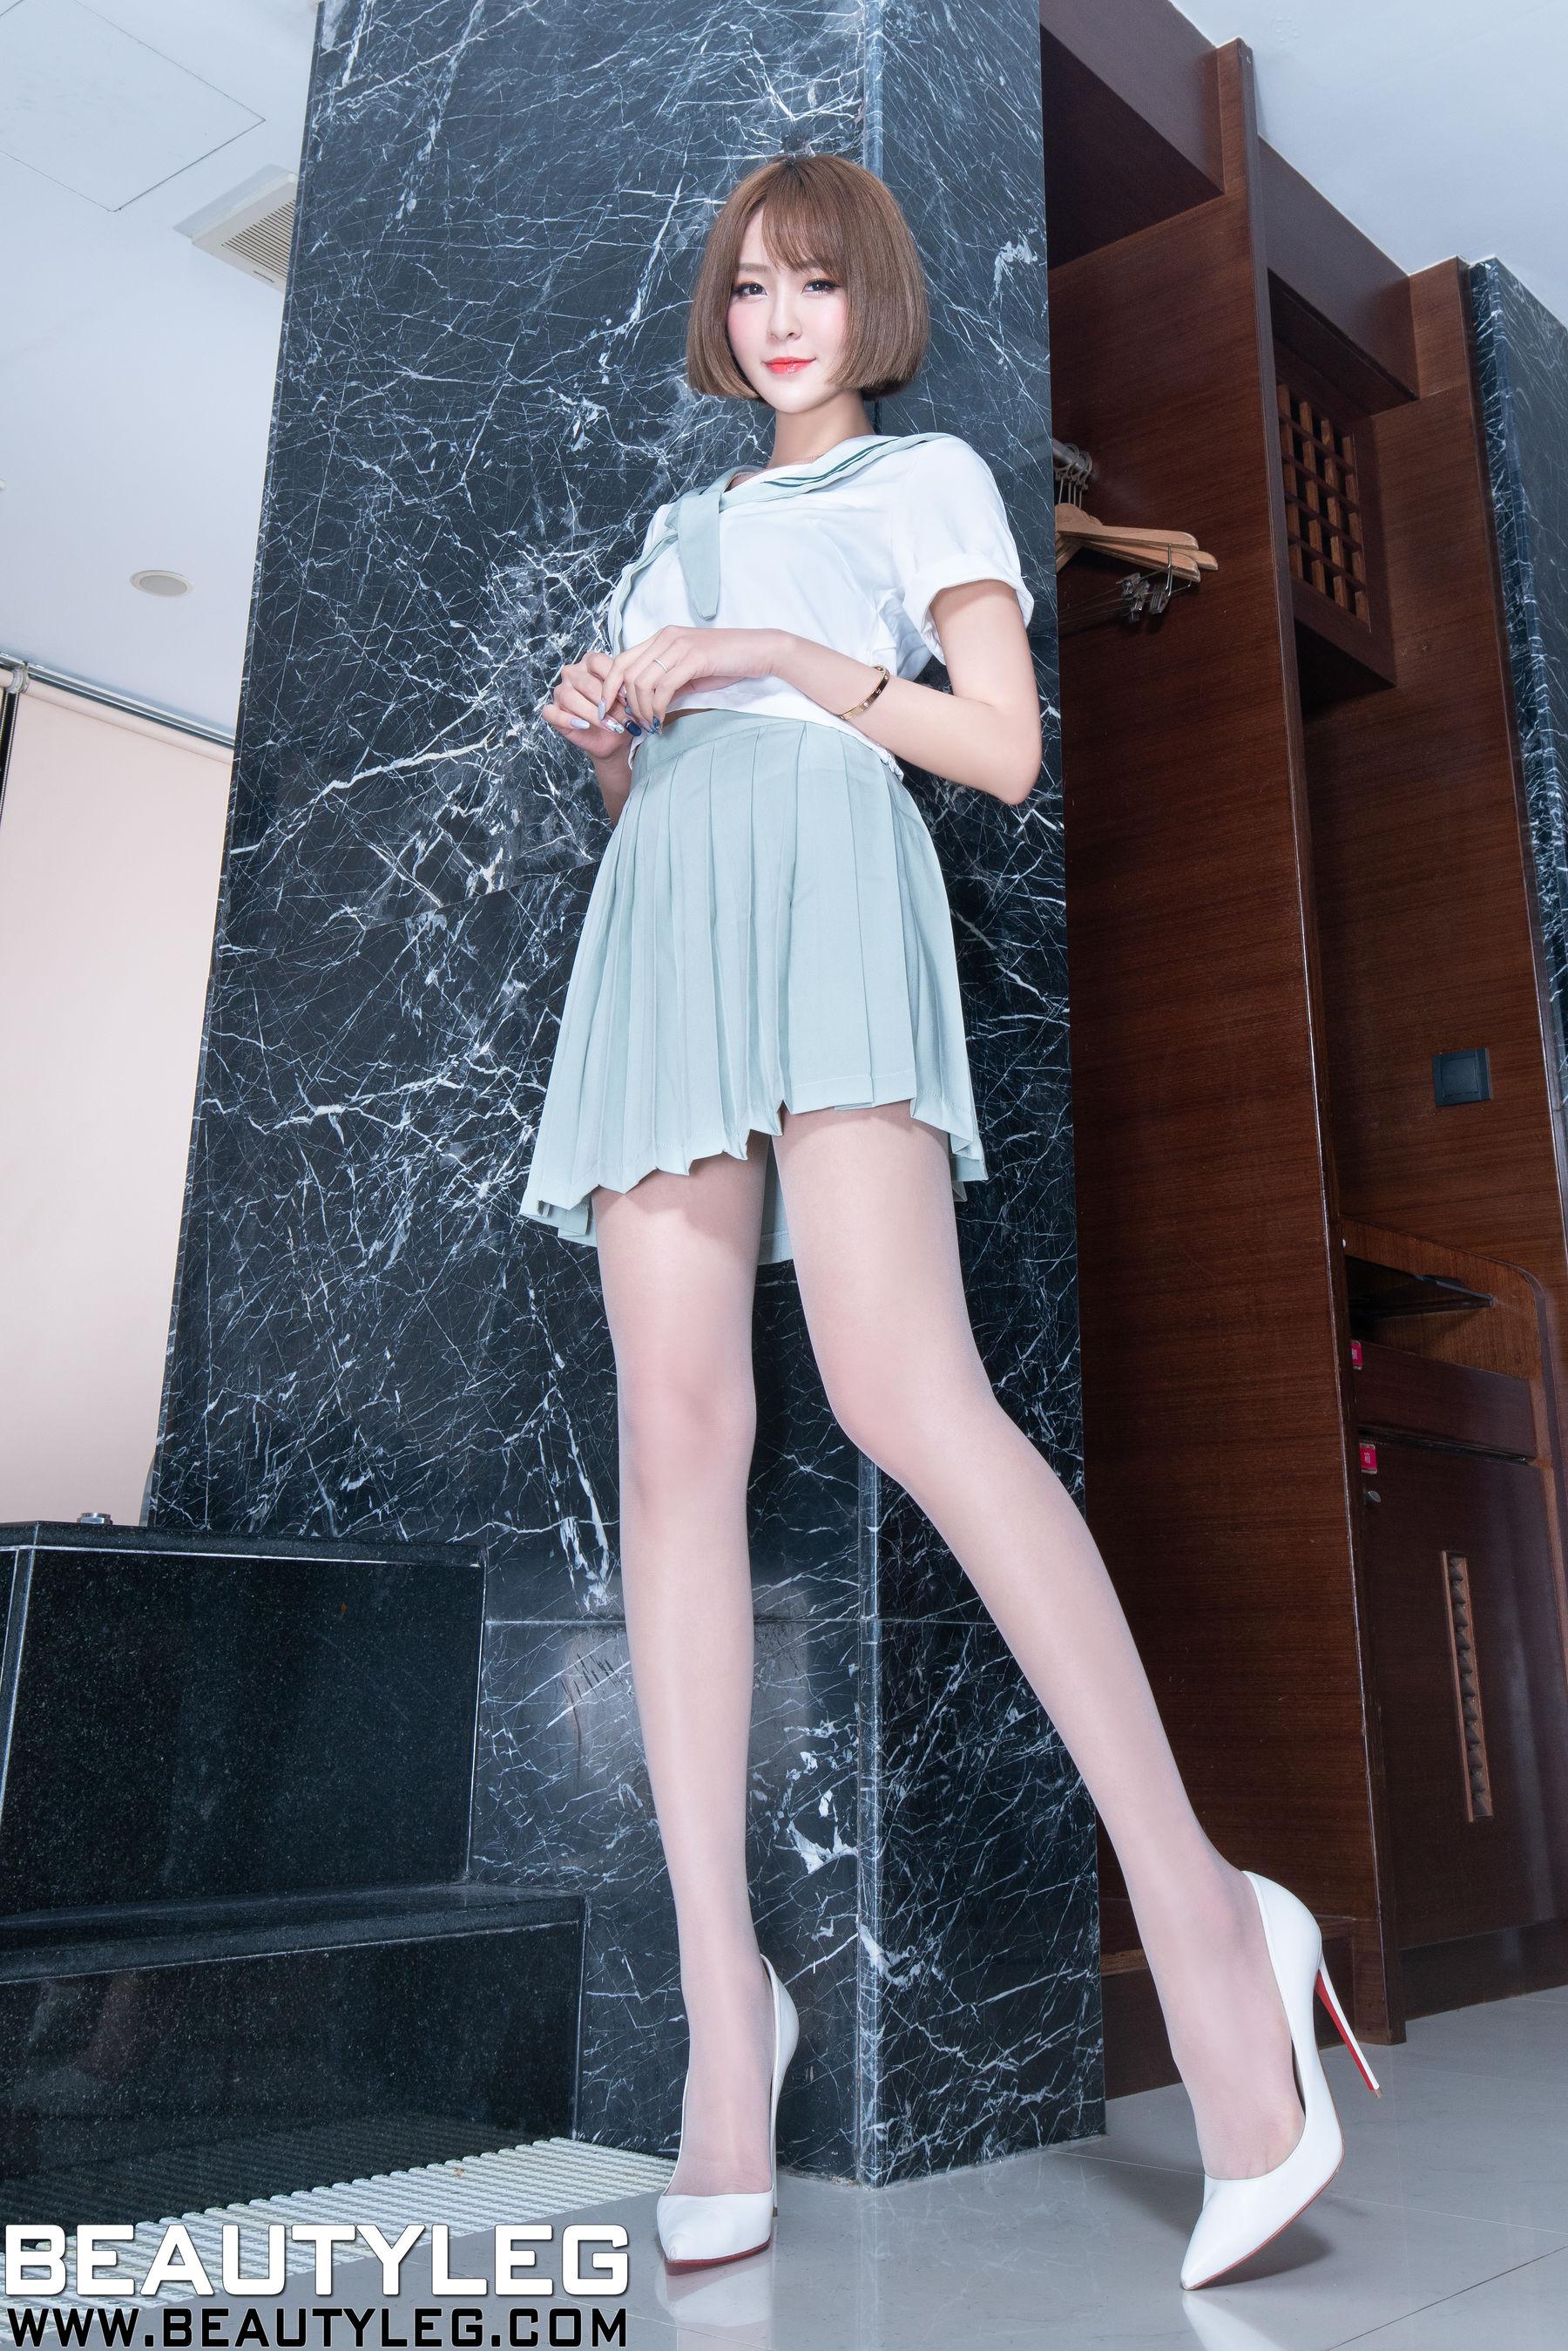 VOL.1427 [Beautyleg]美腿水手服:Winnie小雪(庄咏惠,庄温妮,腿模Winnie)超高清个人性感漂亮大图(41P)